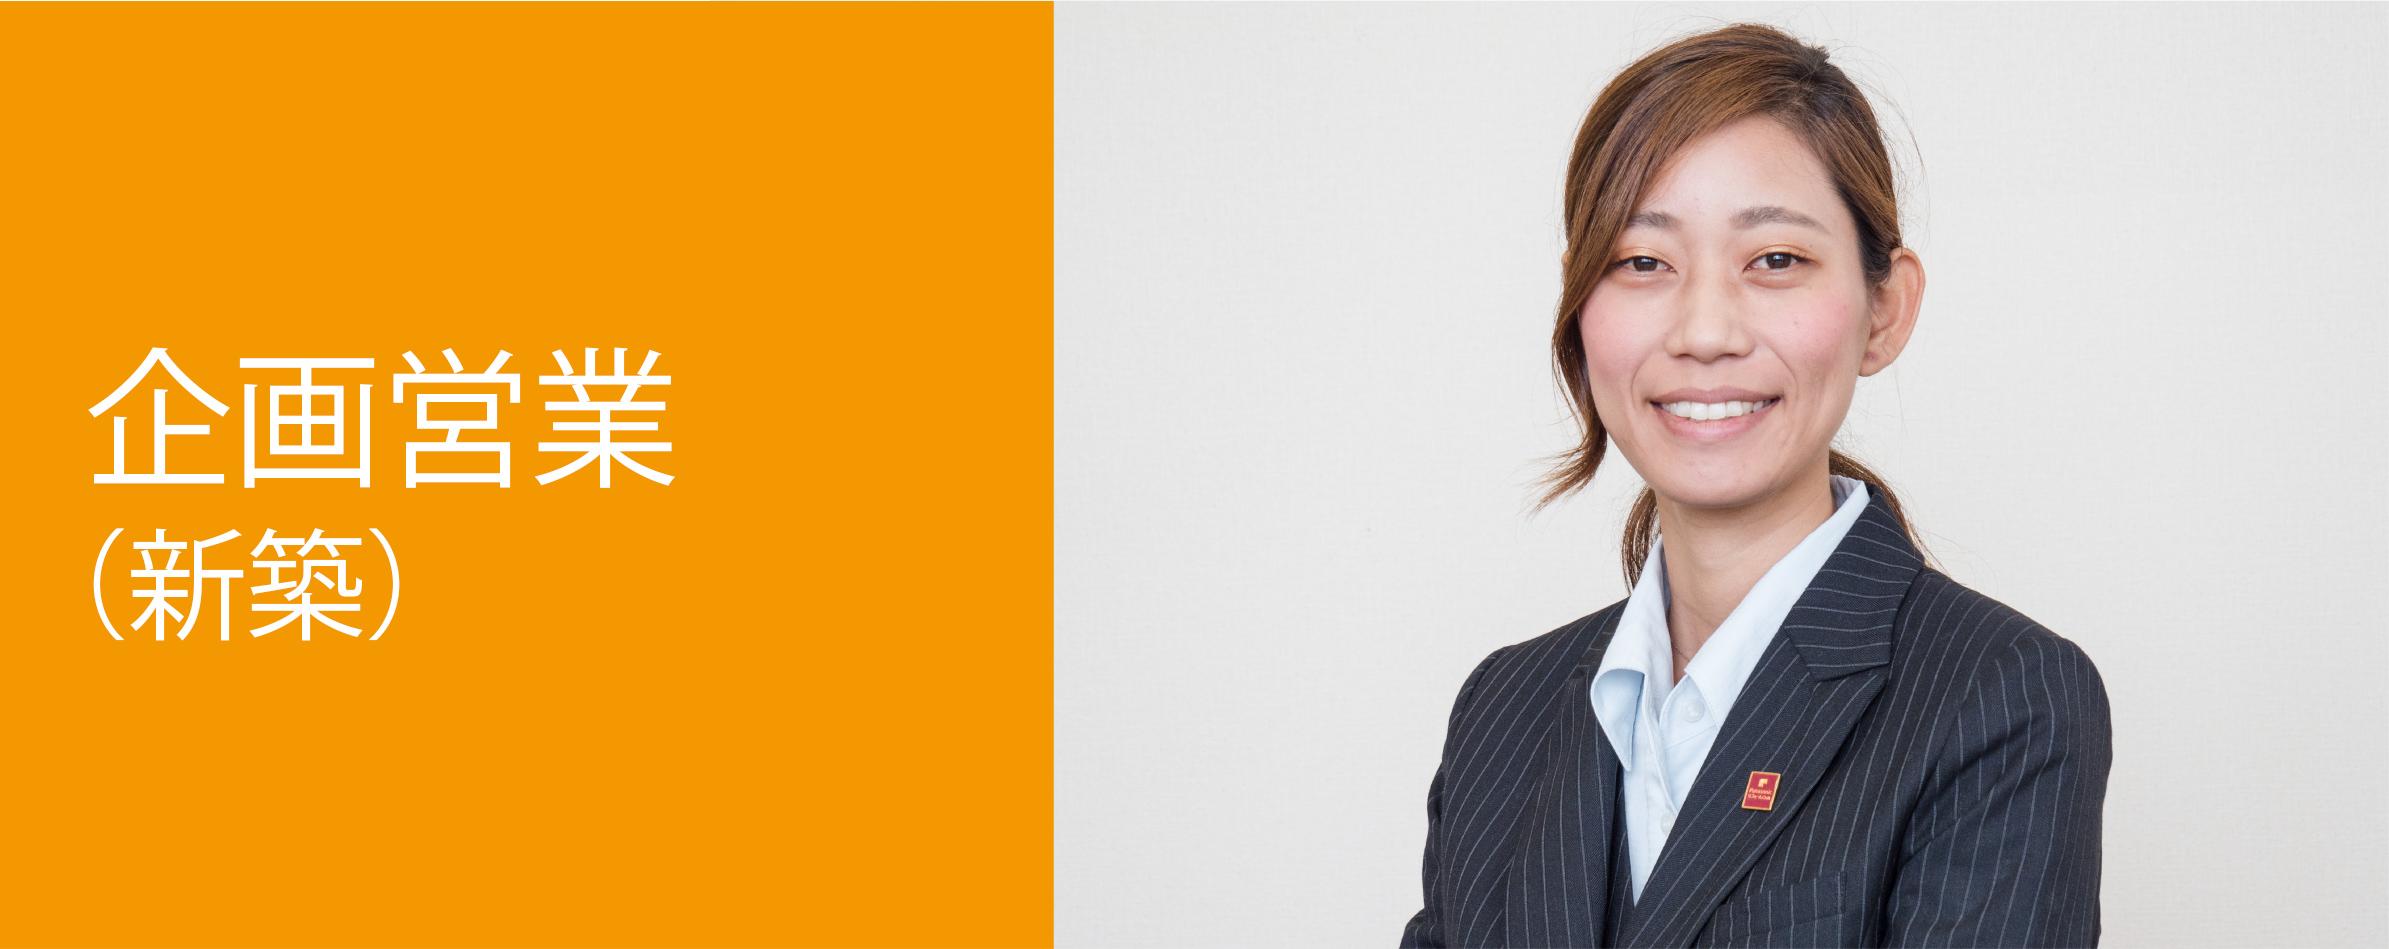 新築住宅プロデューサー(企画営業)K.H